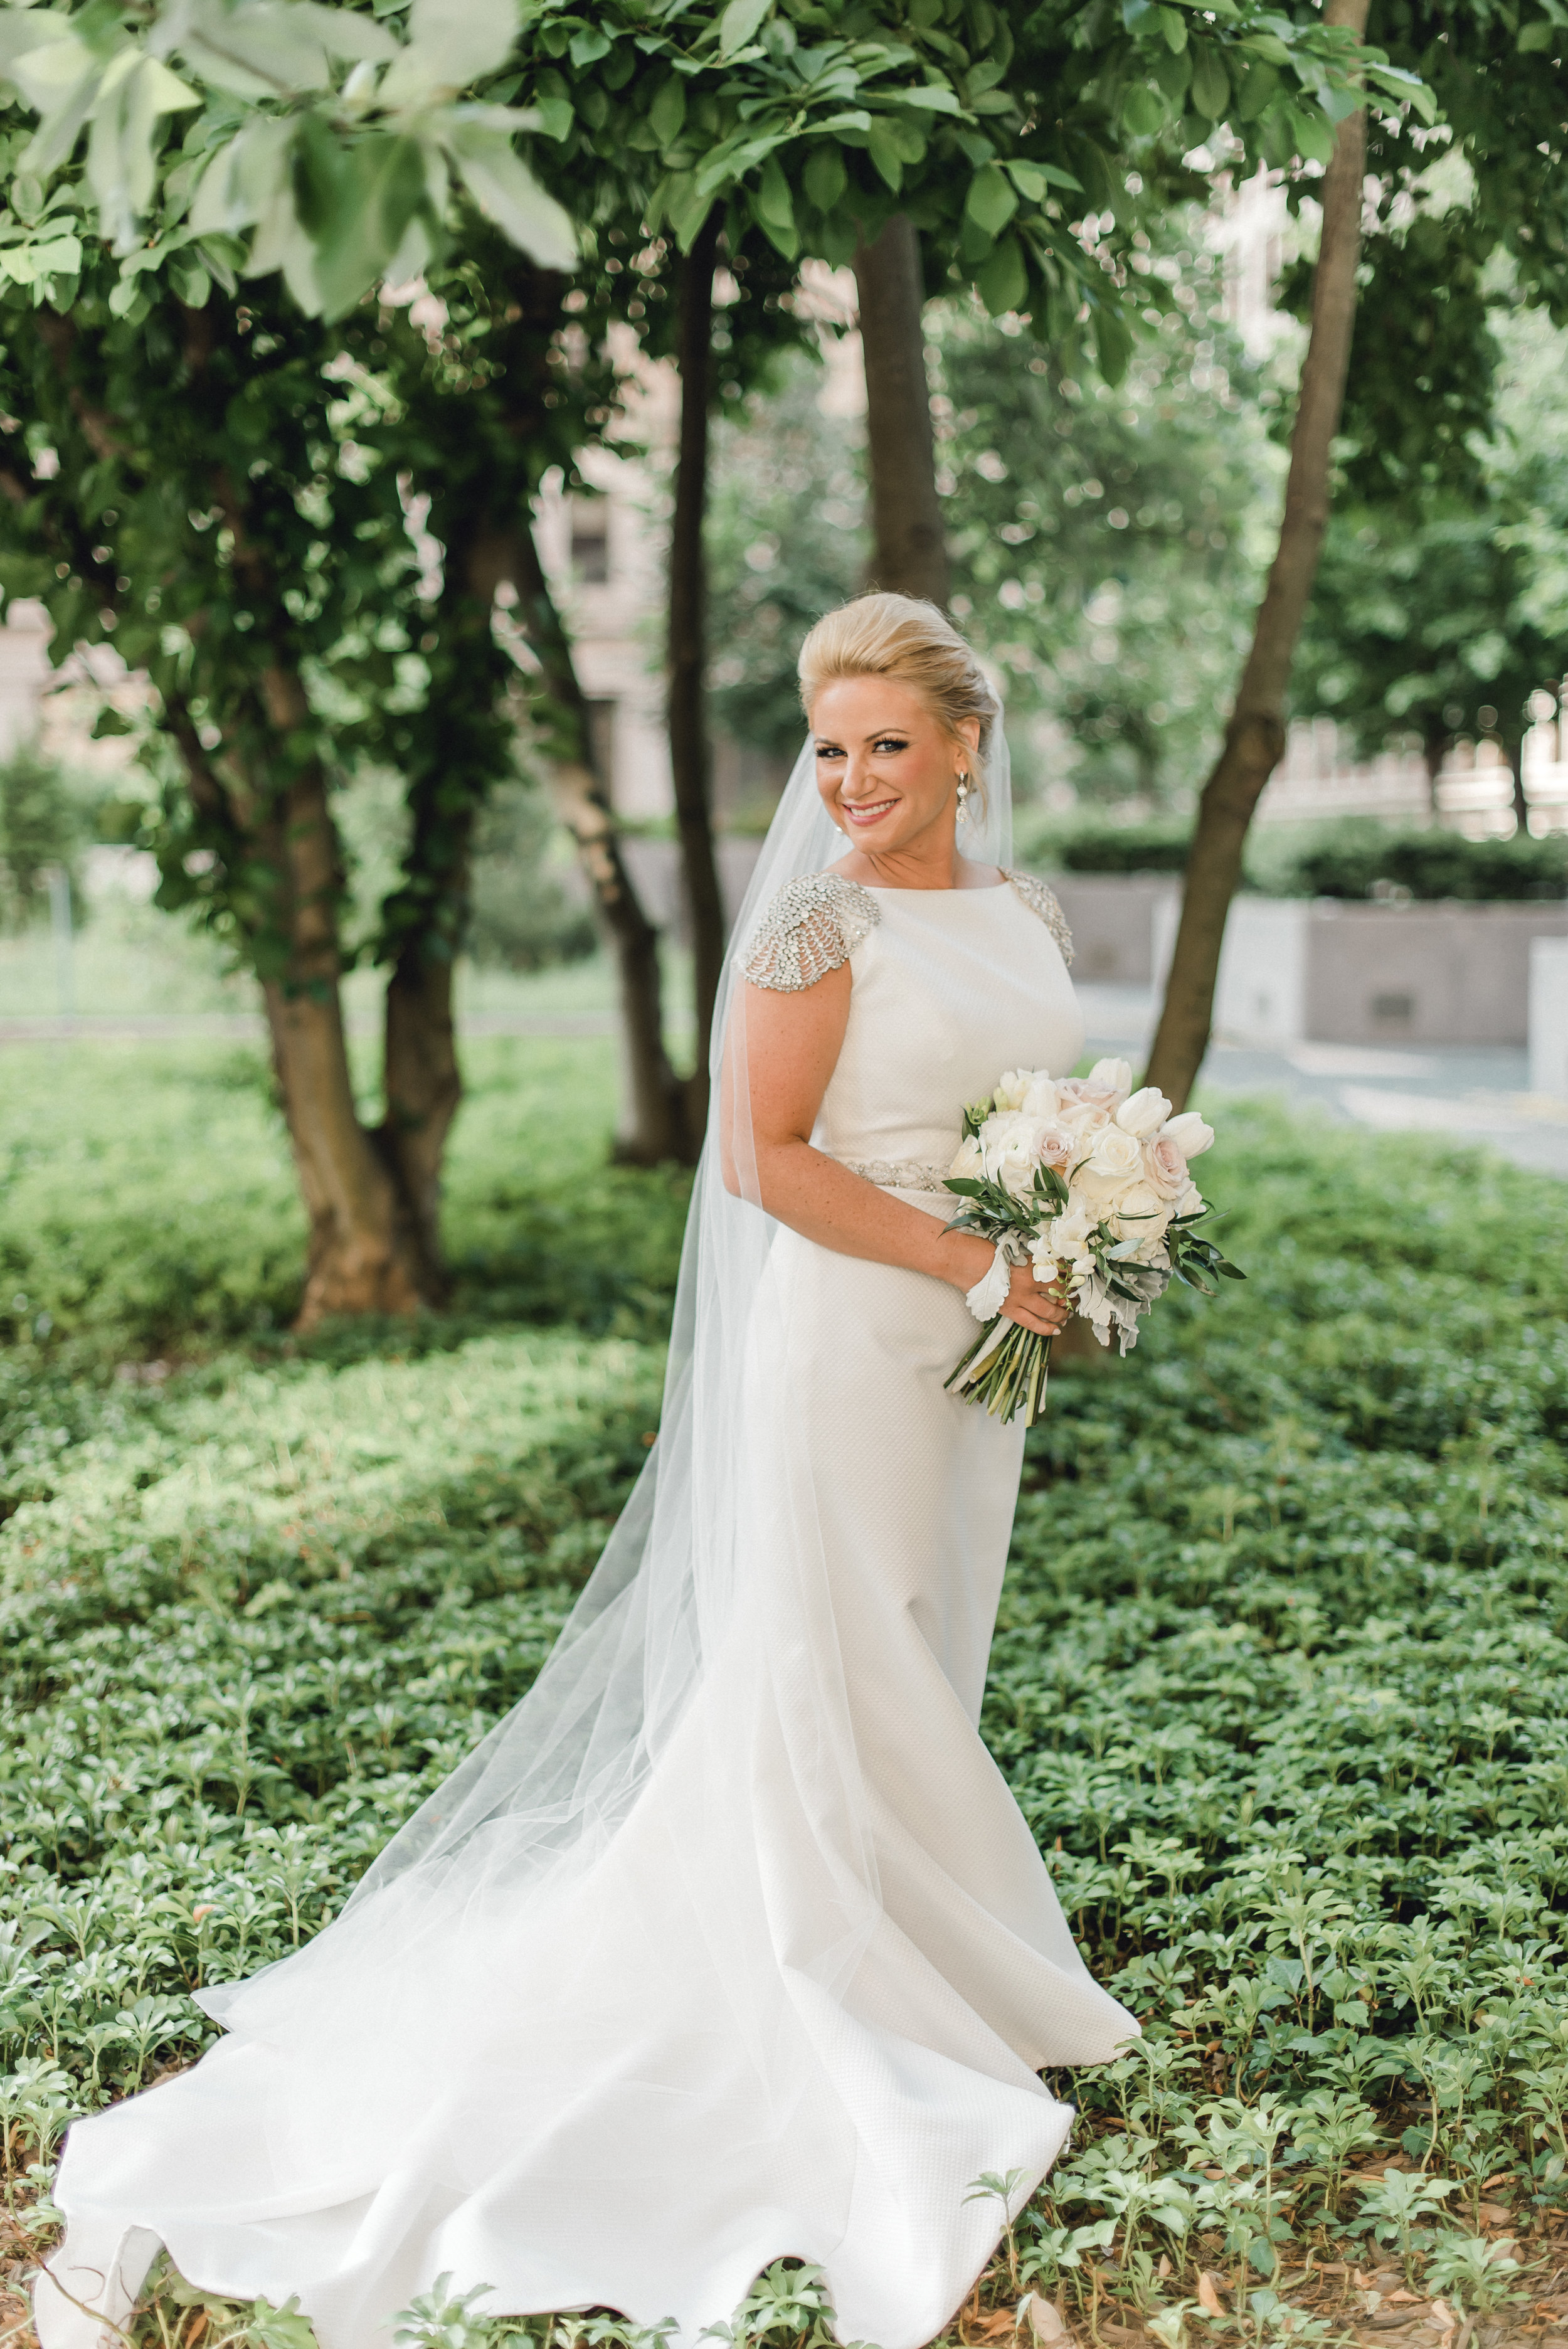 omni-william-penn-wedding-classic-chic-modern-photography-0025.jpg